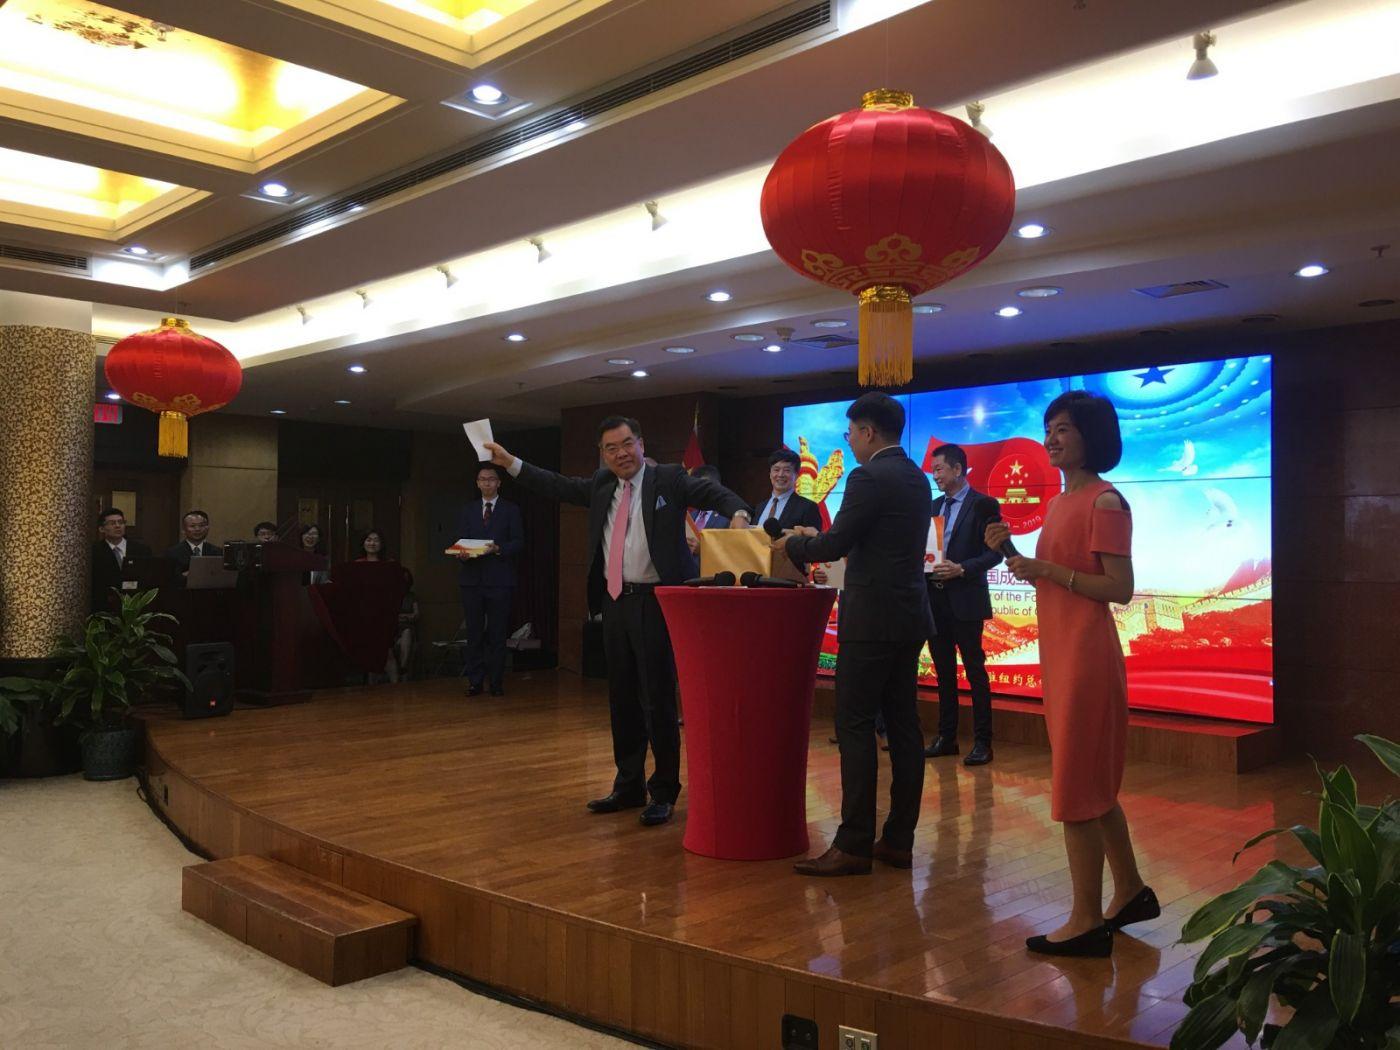 中国驻纽约总领事馆舉辦庆祝建国70周年招待會_图1-9